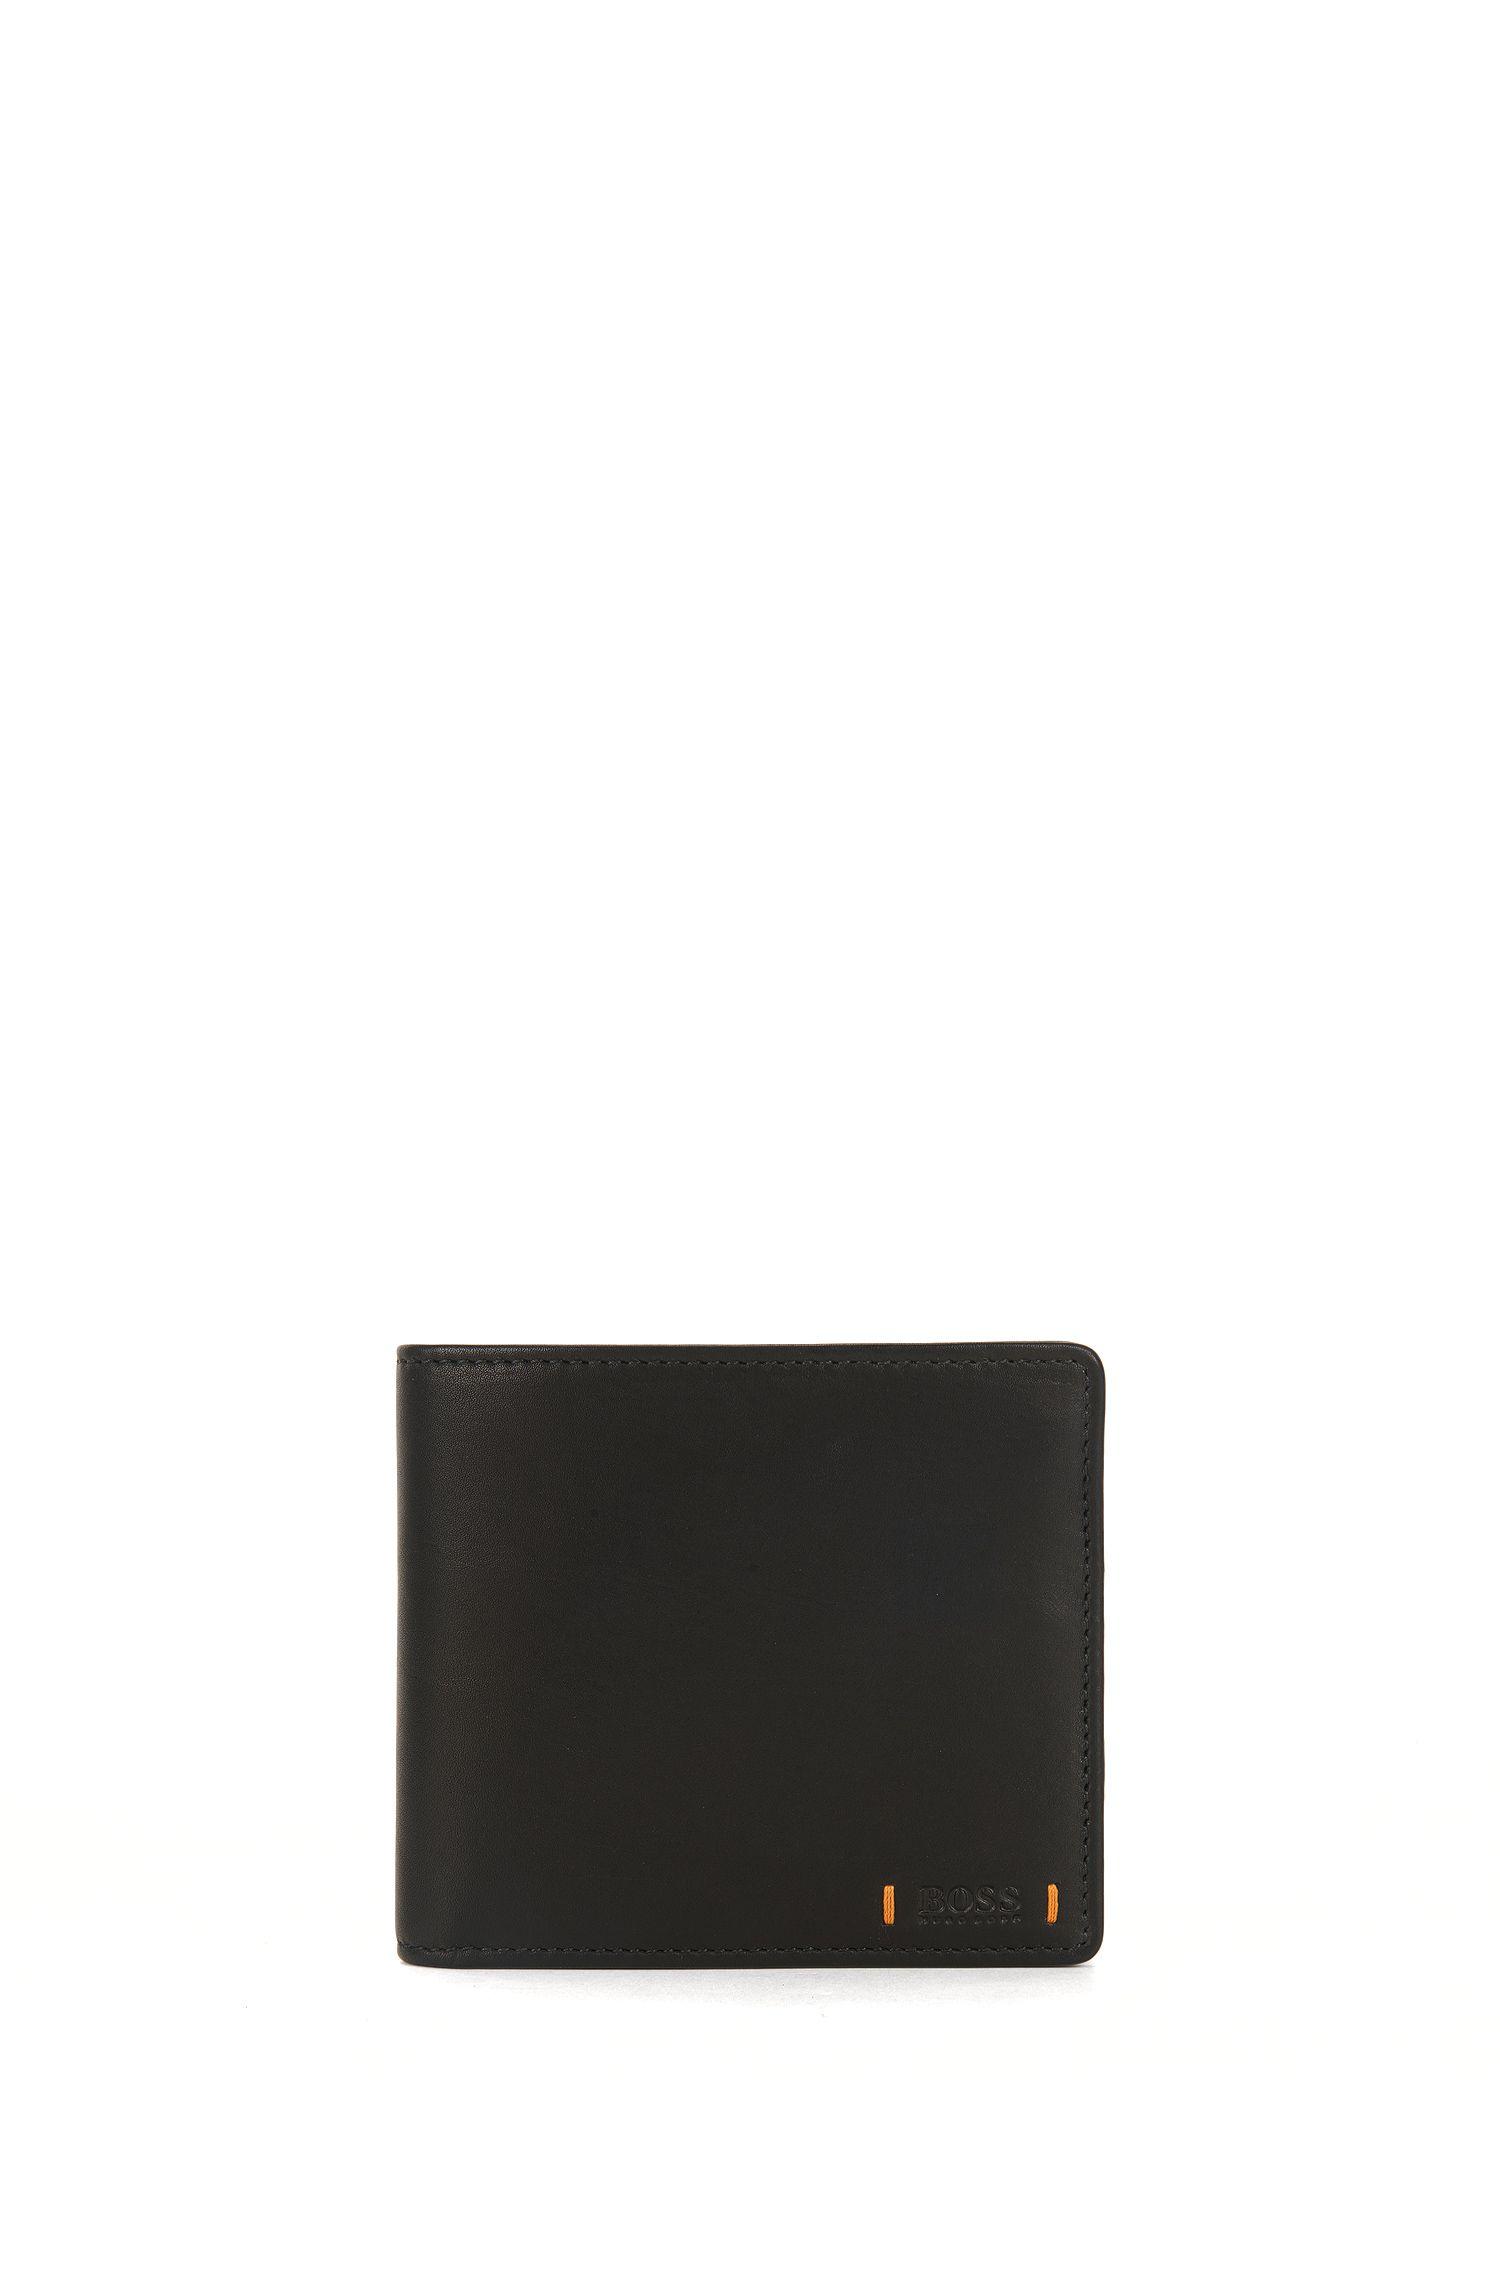 Klapp-Geldbörse aus Leder mit Münzfach